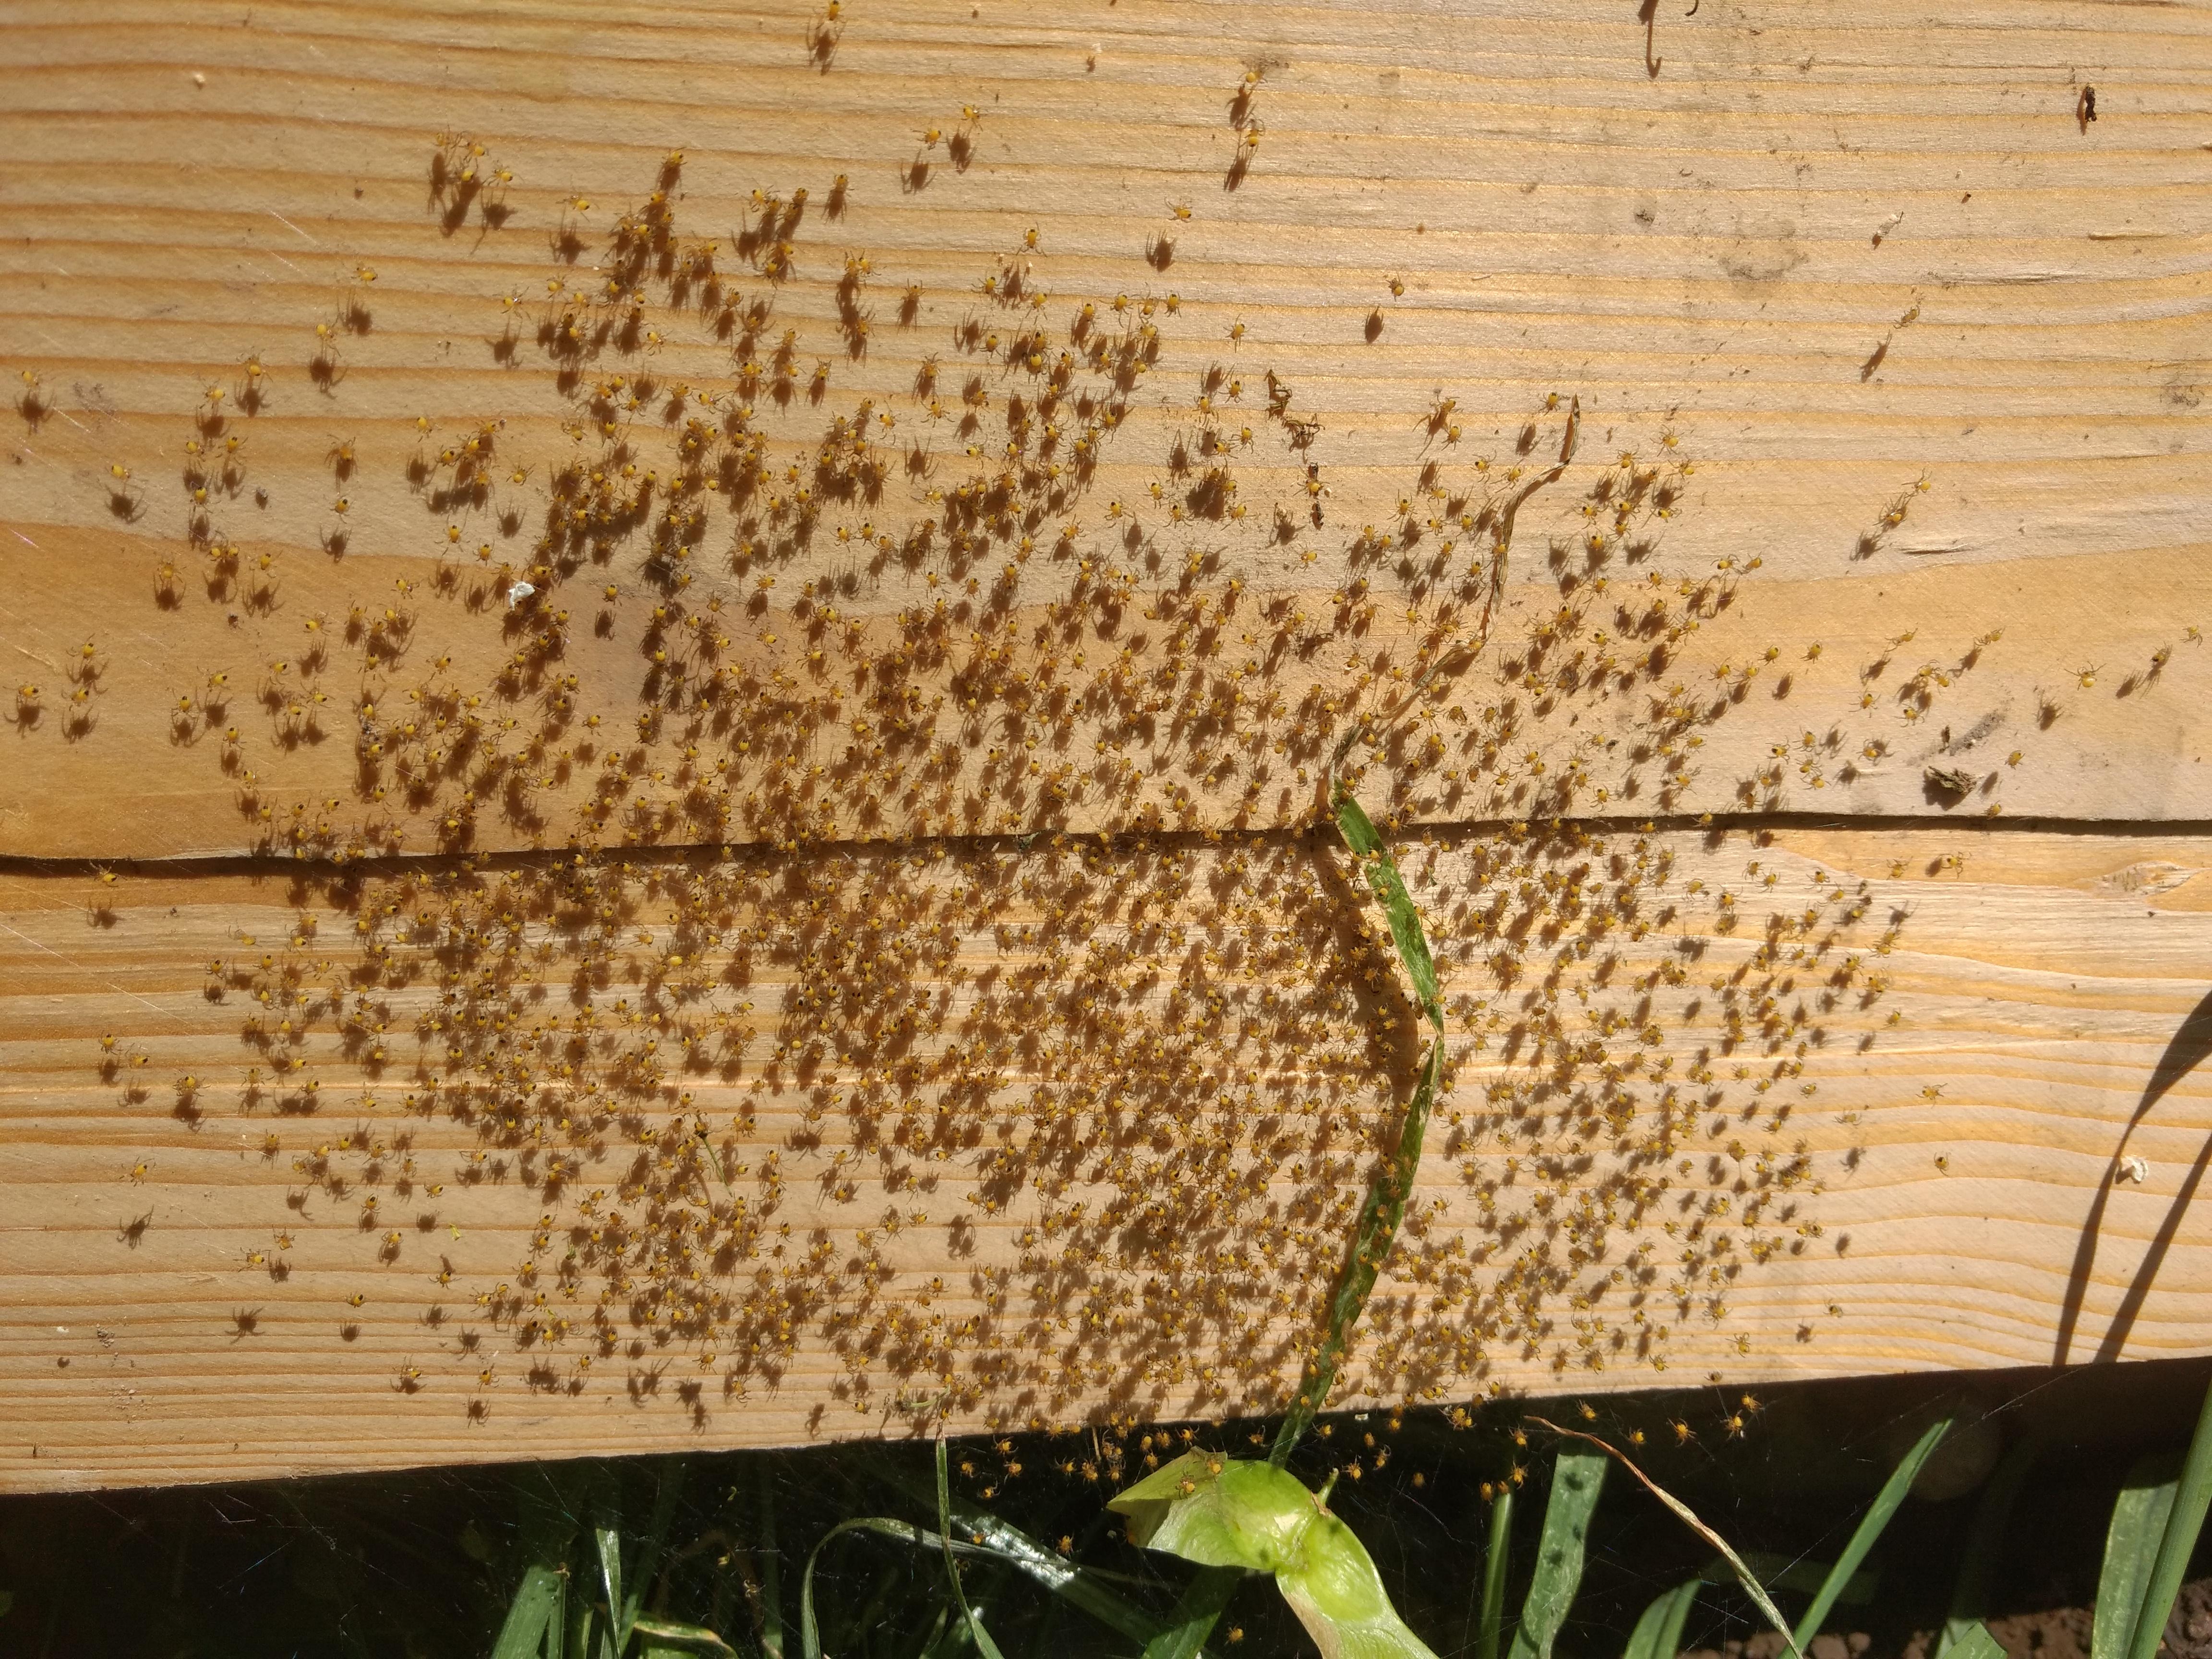 Wespen-Spinnen sonnen sich